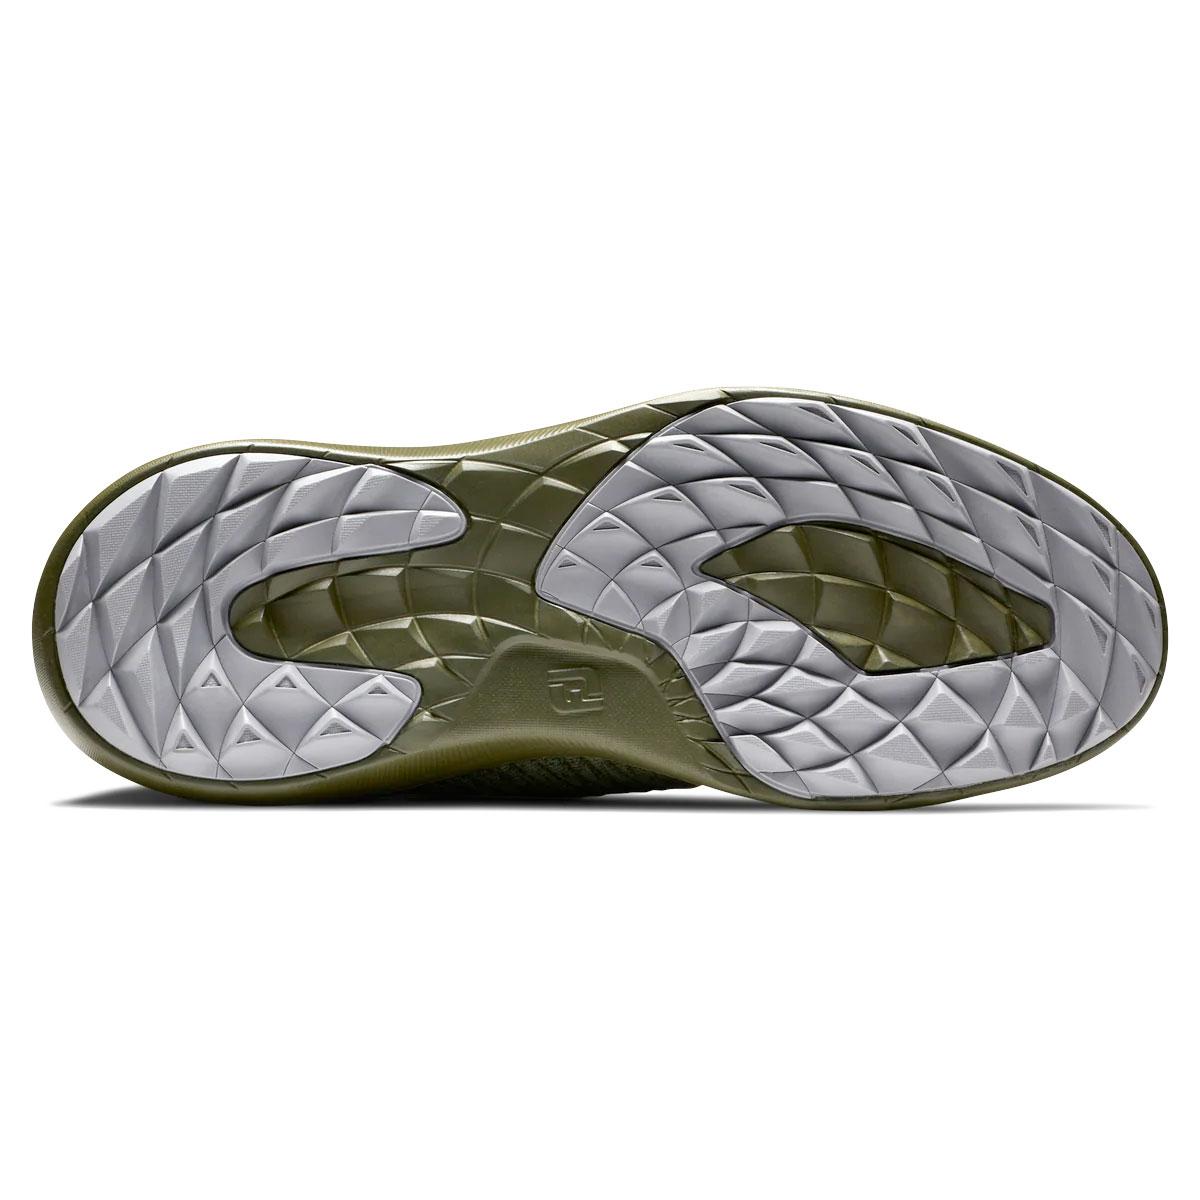 FootJoy Flex XP Mens Spikeless Golf Shoes  - Green